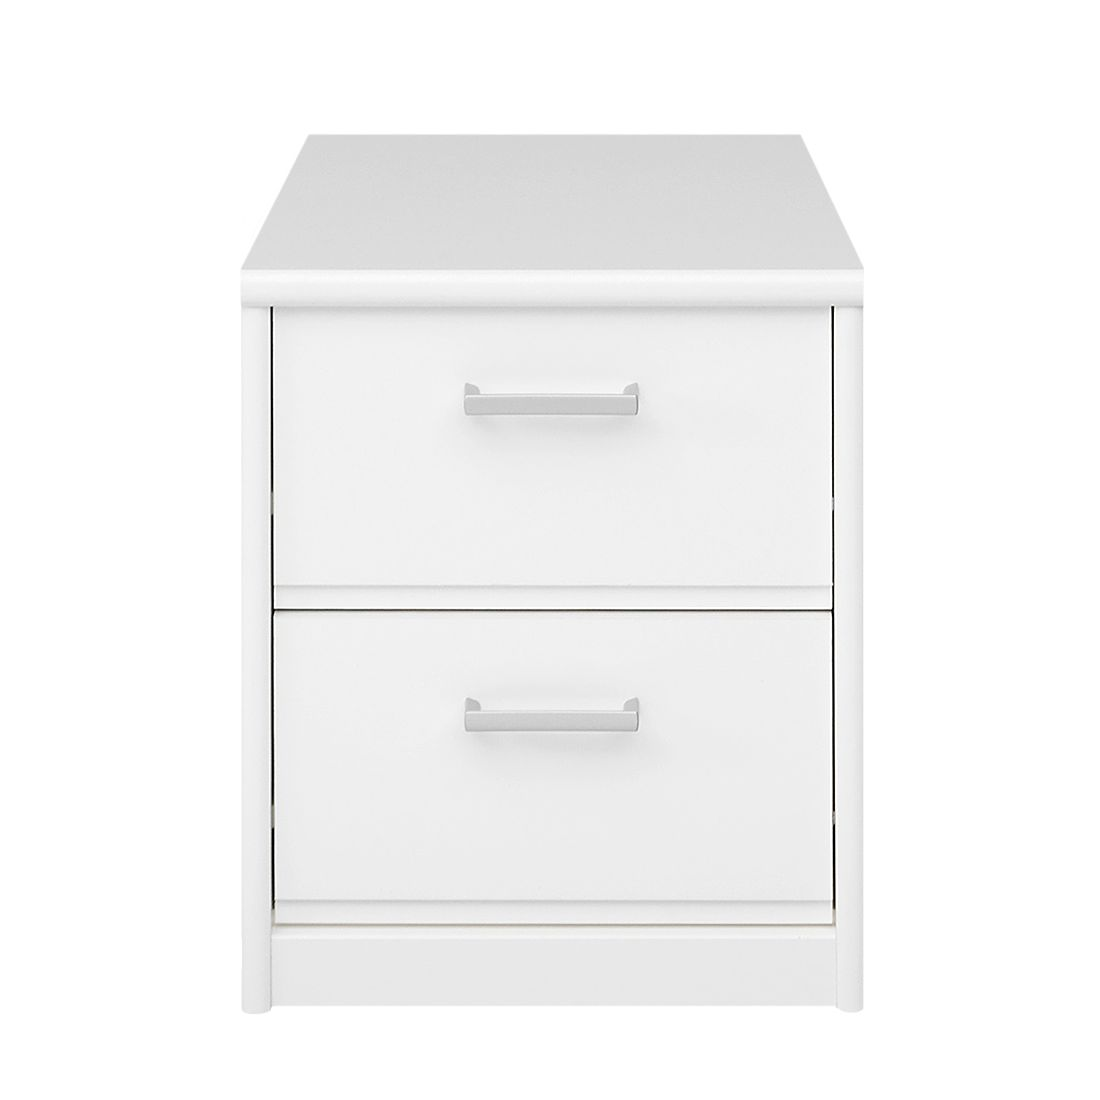 Nachtkommode Soft Plus – Weiß, CS Schmal günstig bestellen